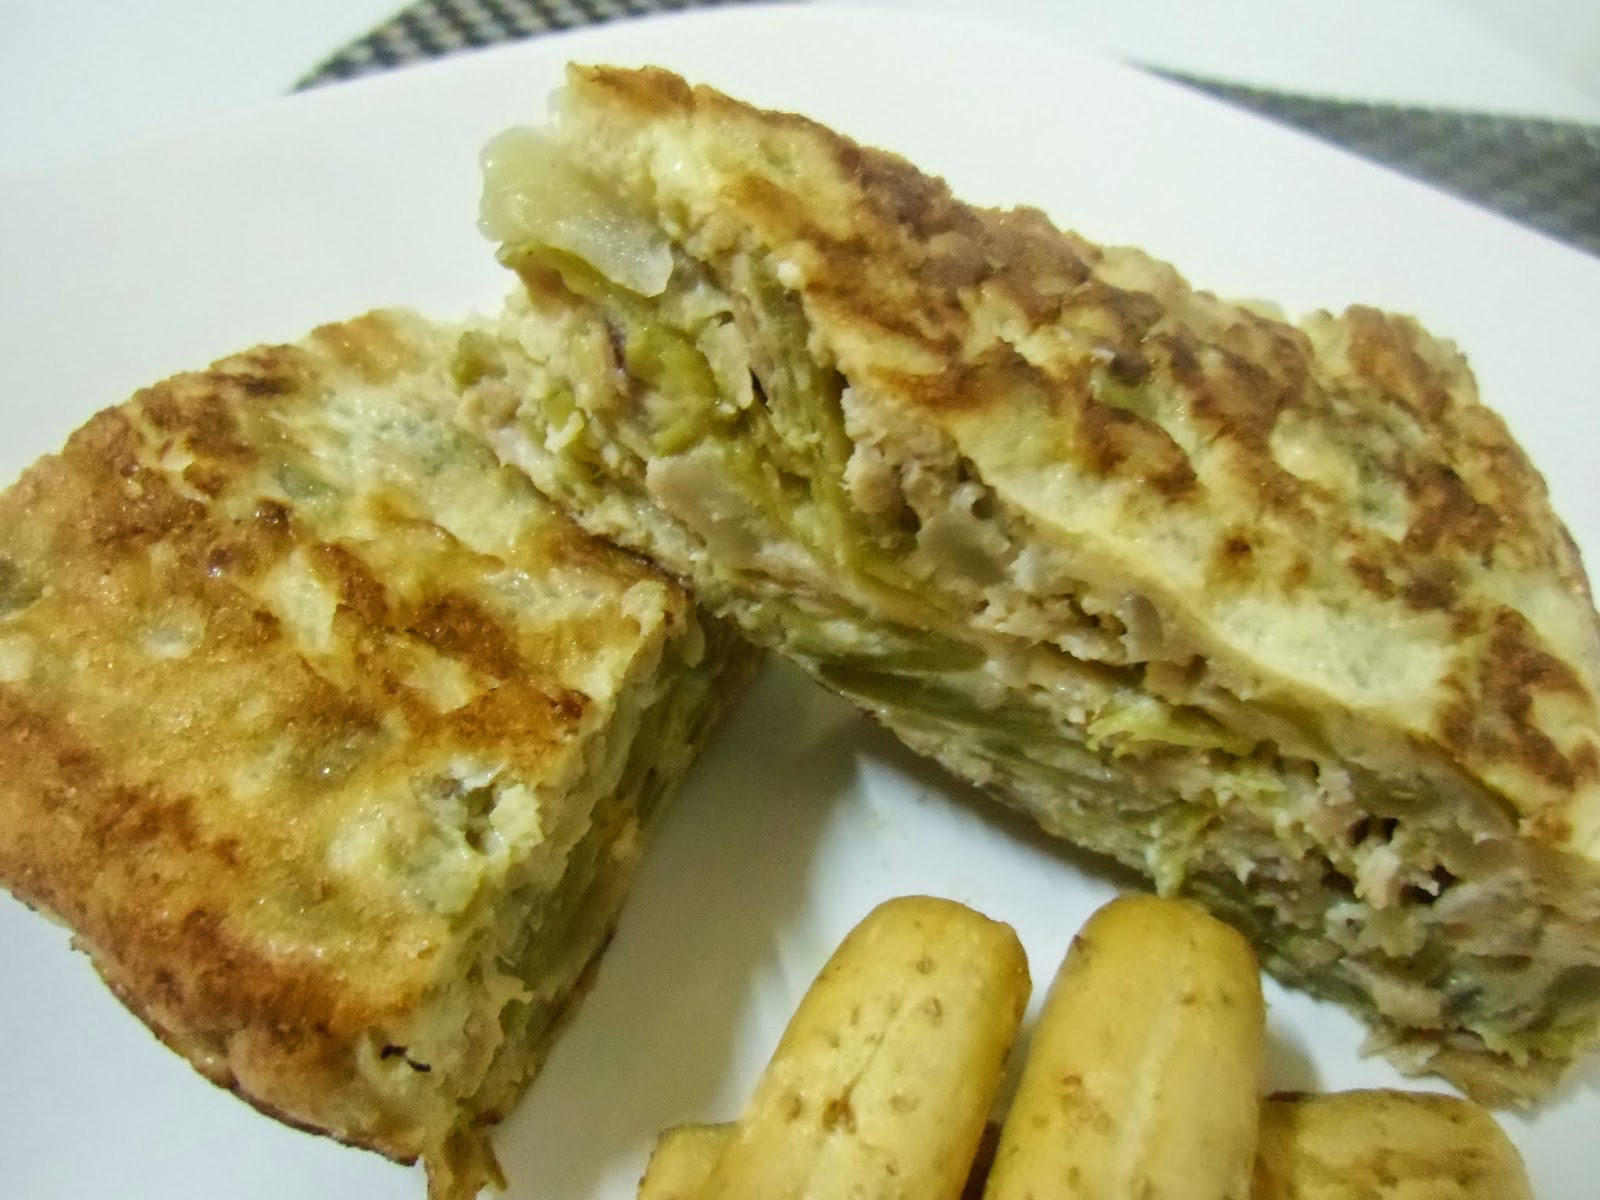 Mi sart n tortilla de jud as verdes y at n - Como hacer judias verdes ...